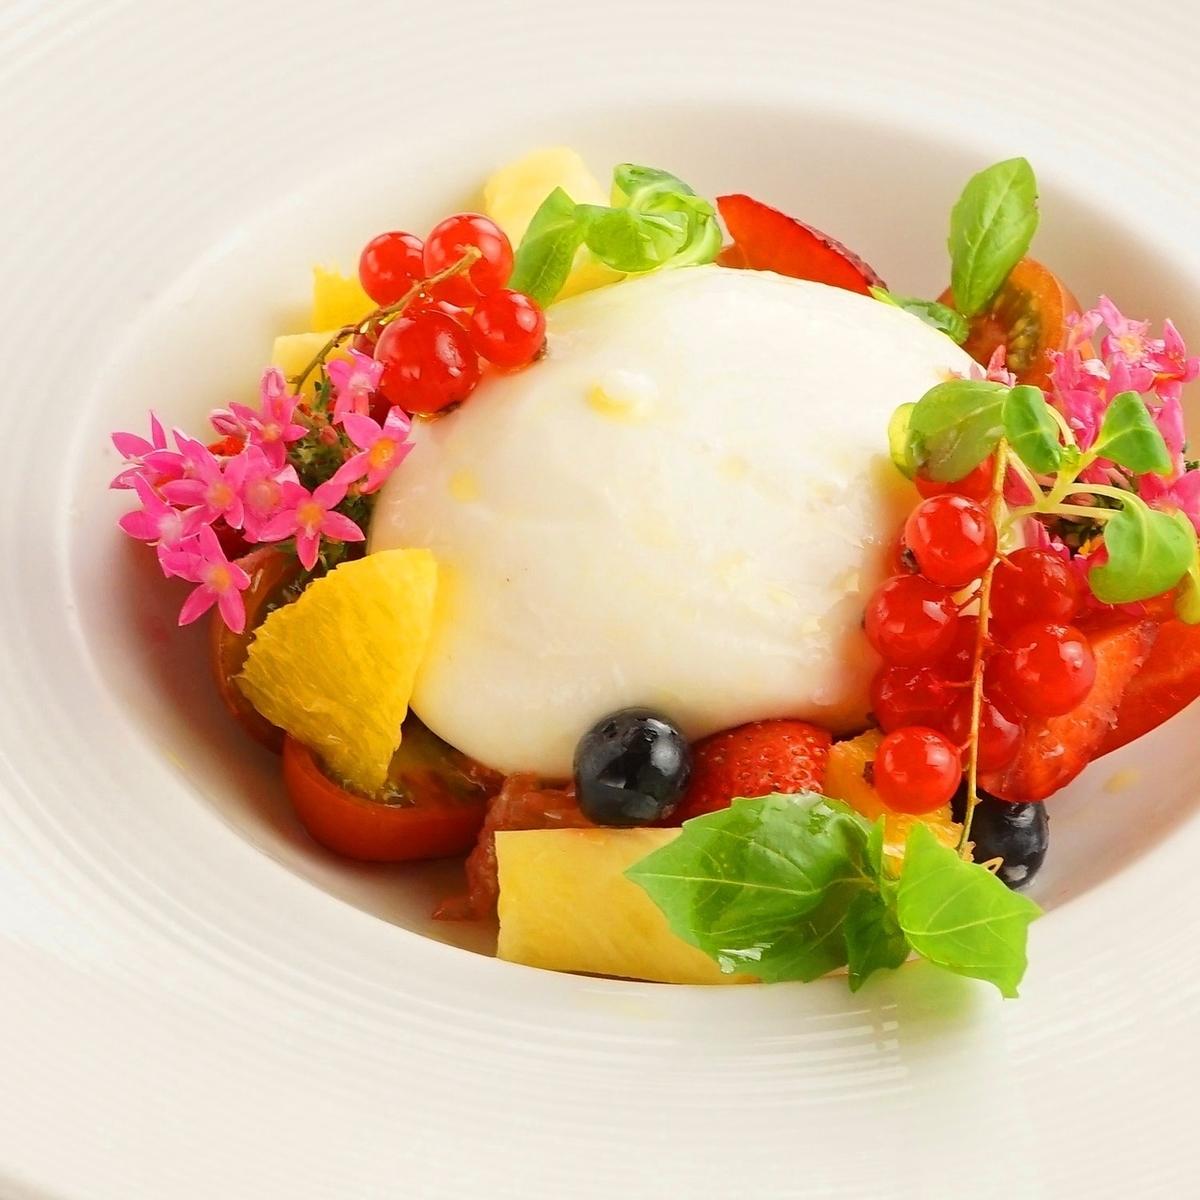 【数量限定】フレッシュブッラータチーズとトマト、旬のフルーツのカプレーゼ